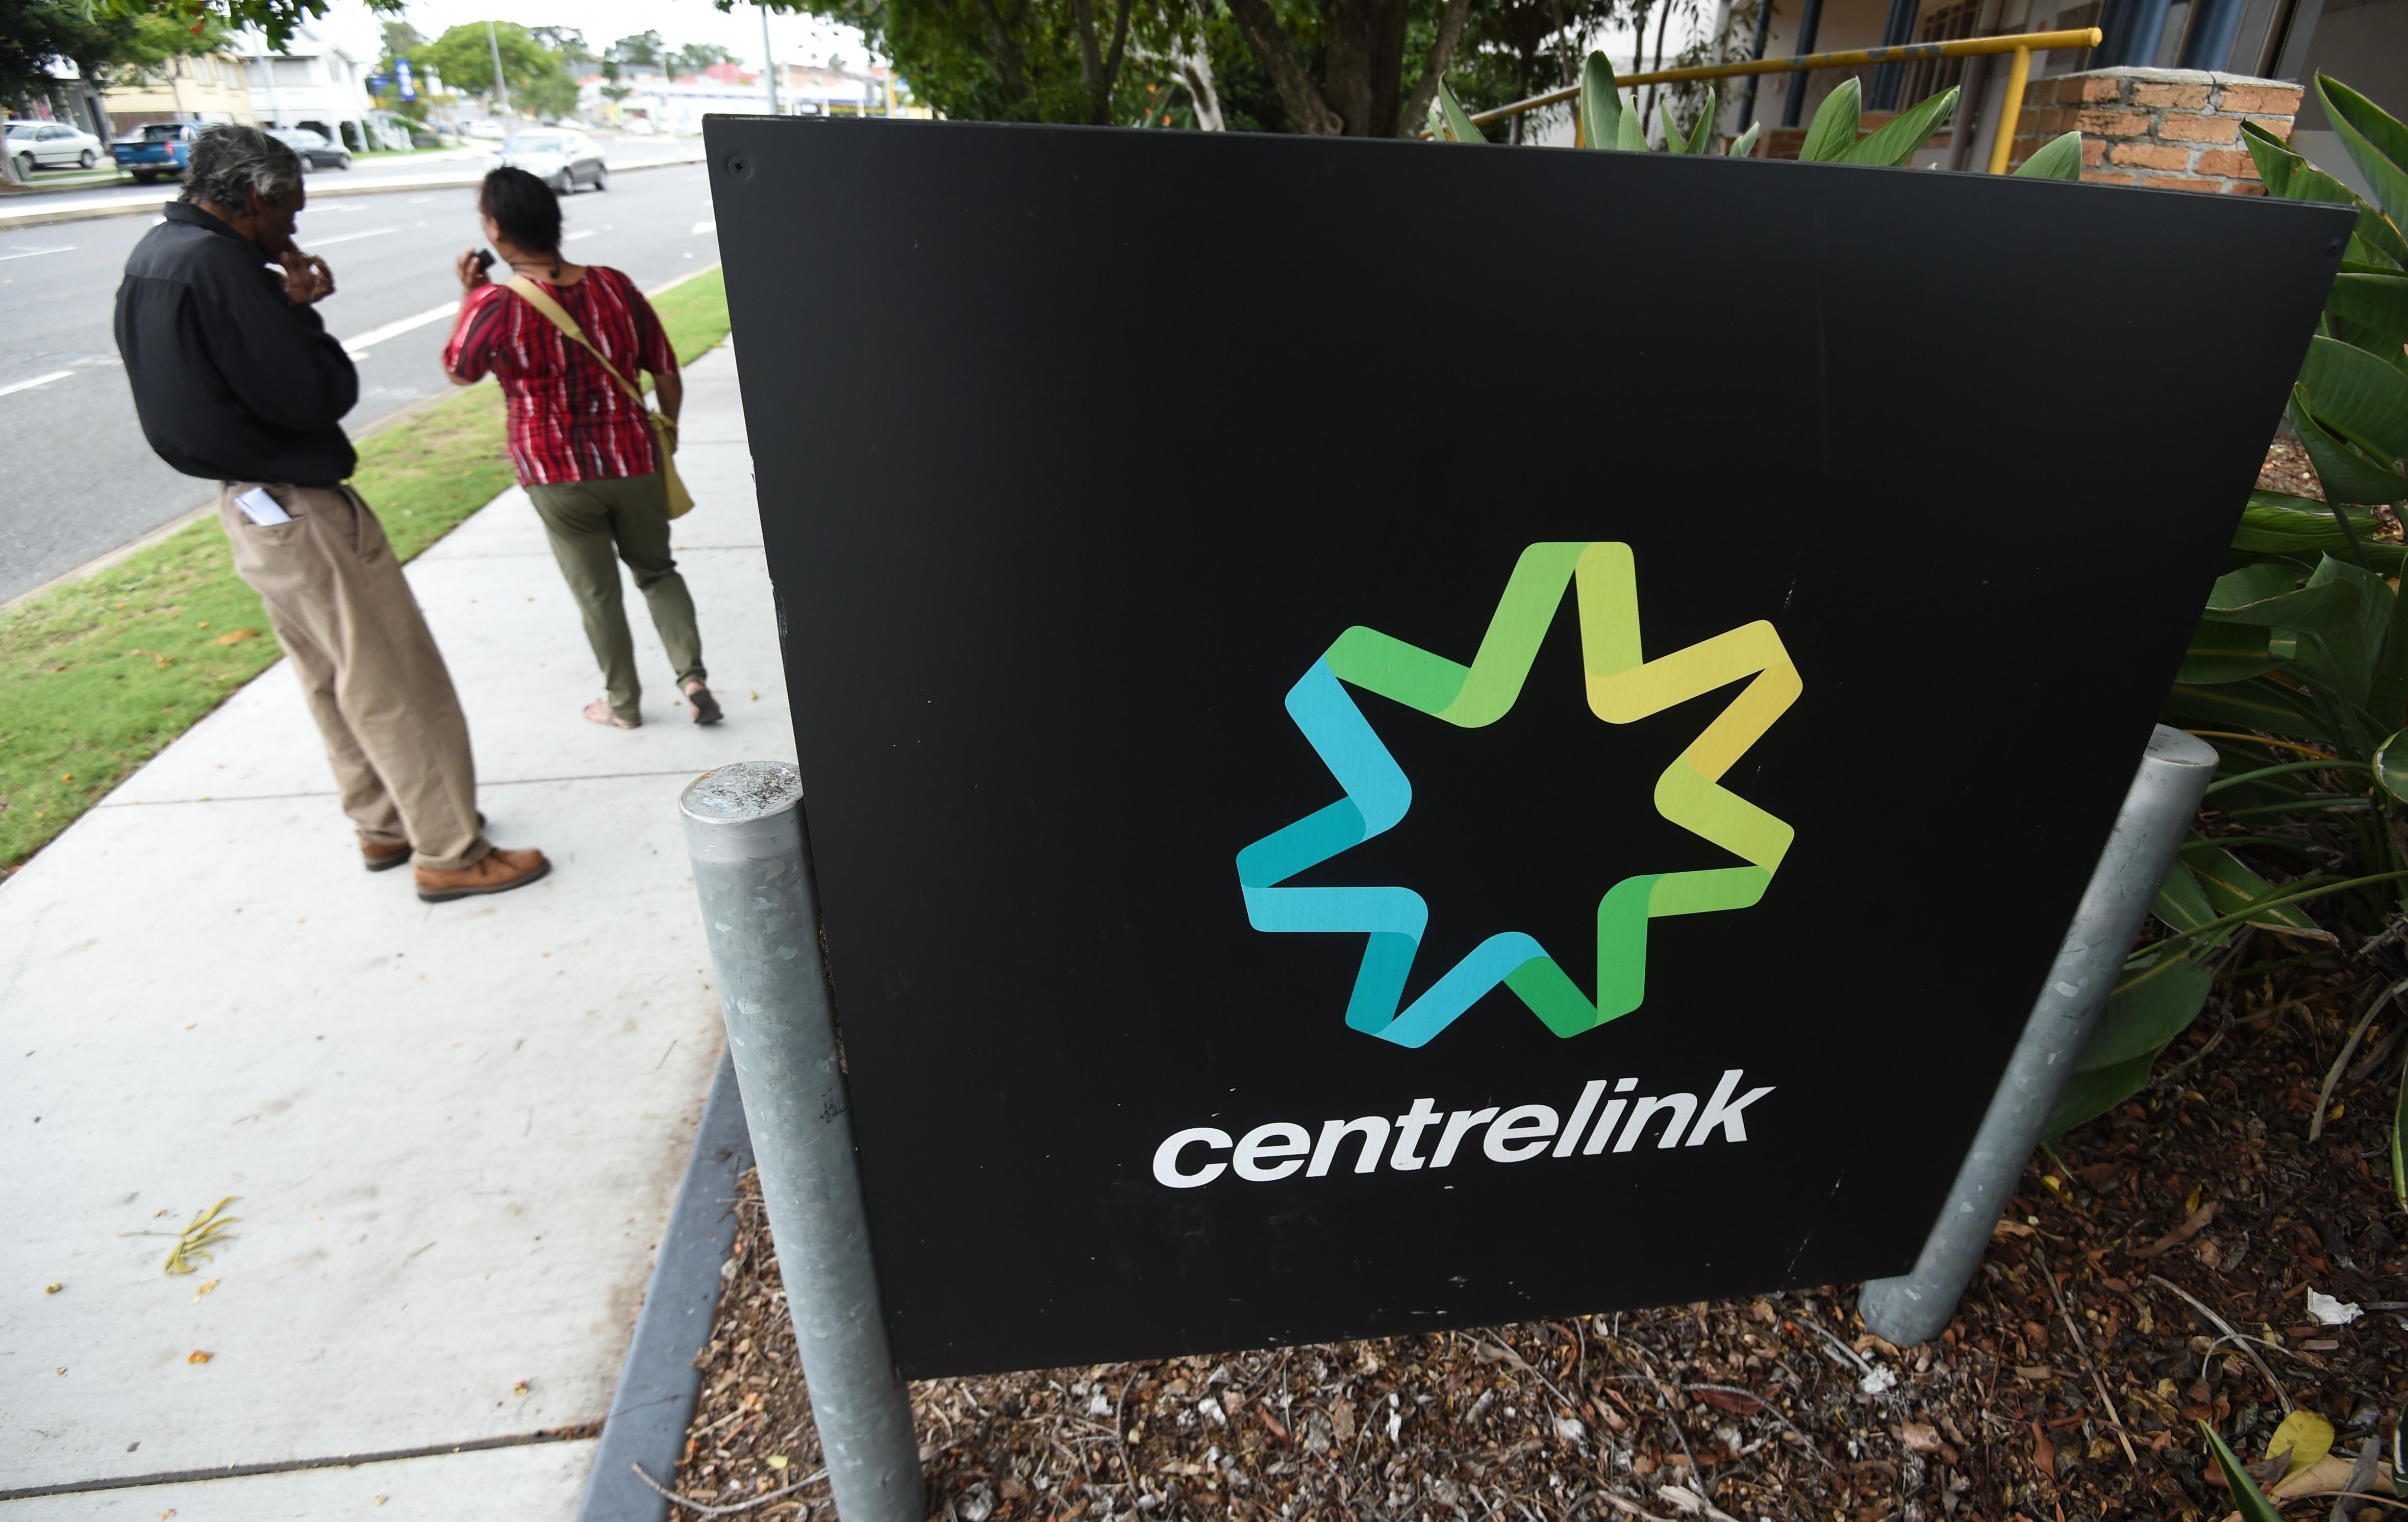 Centrelink Brisbane